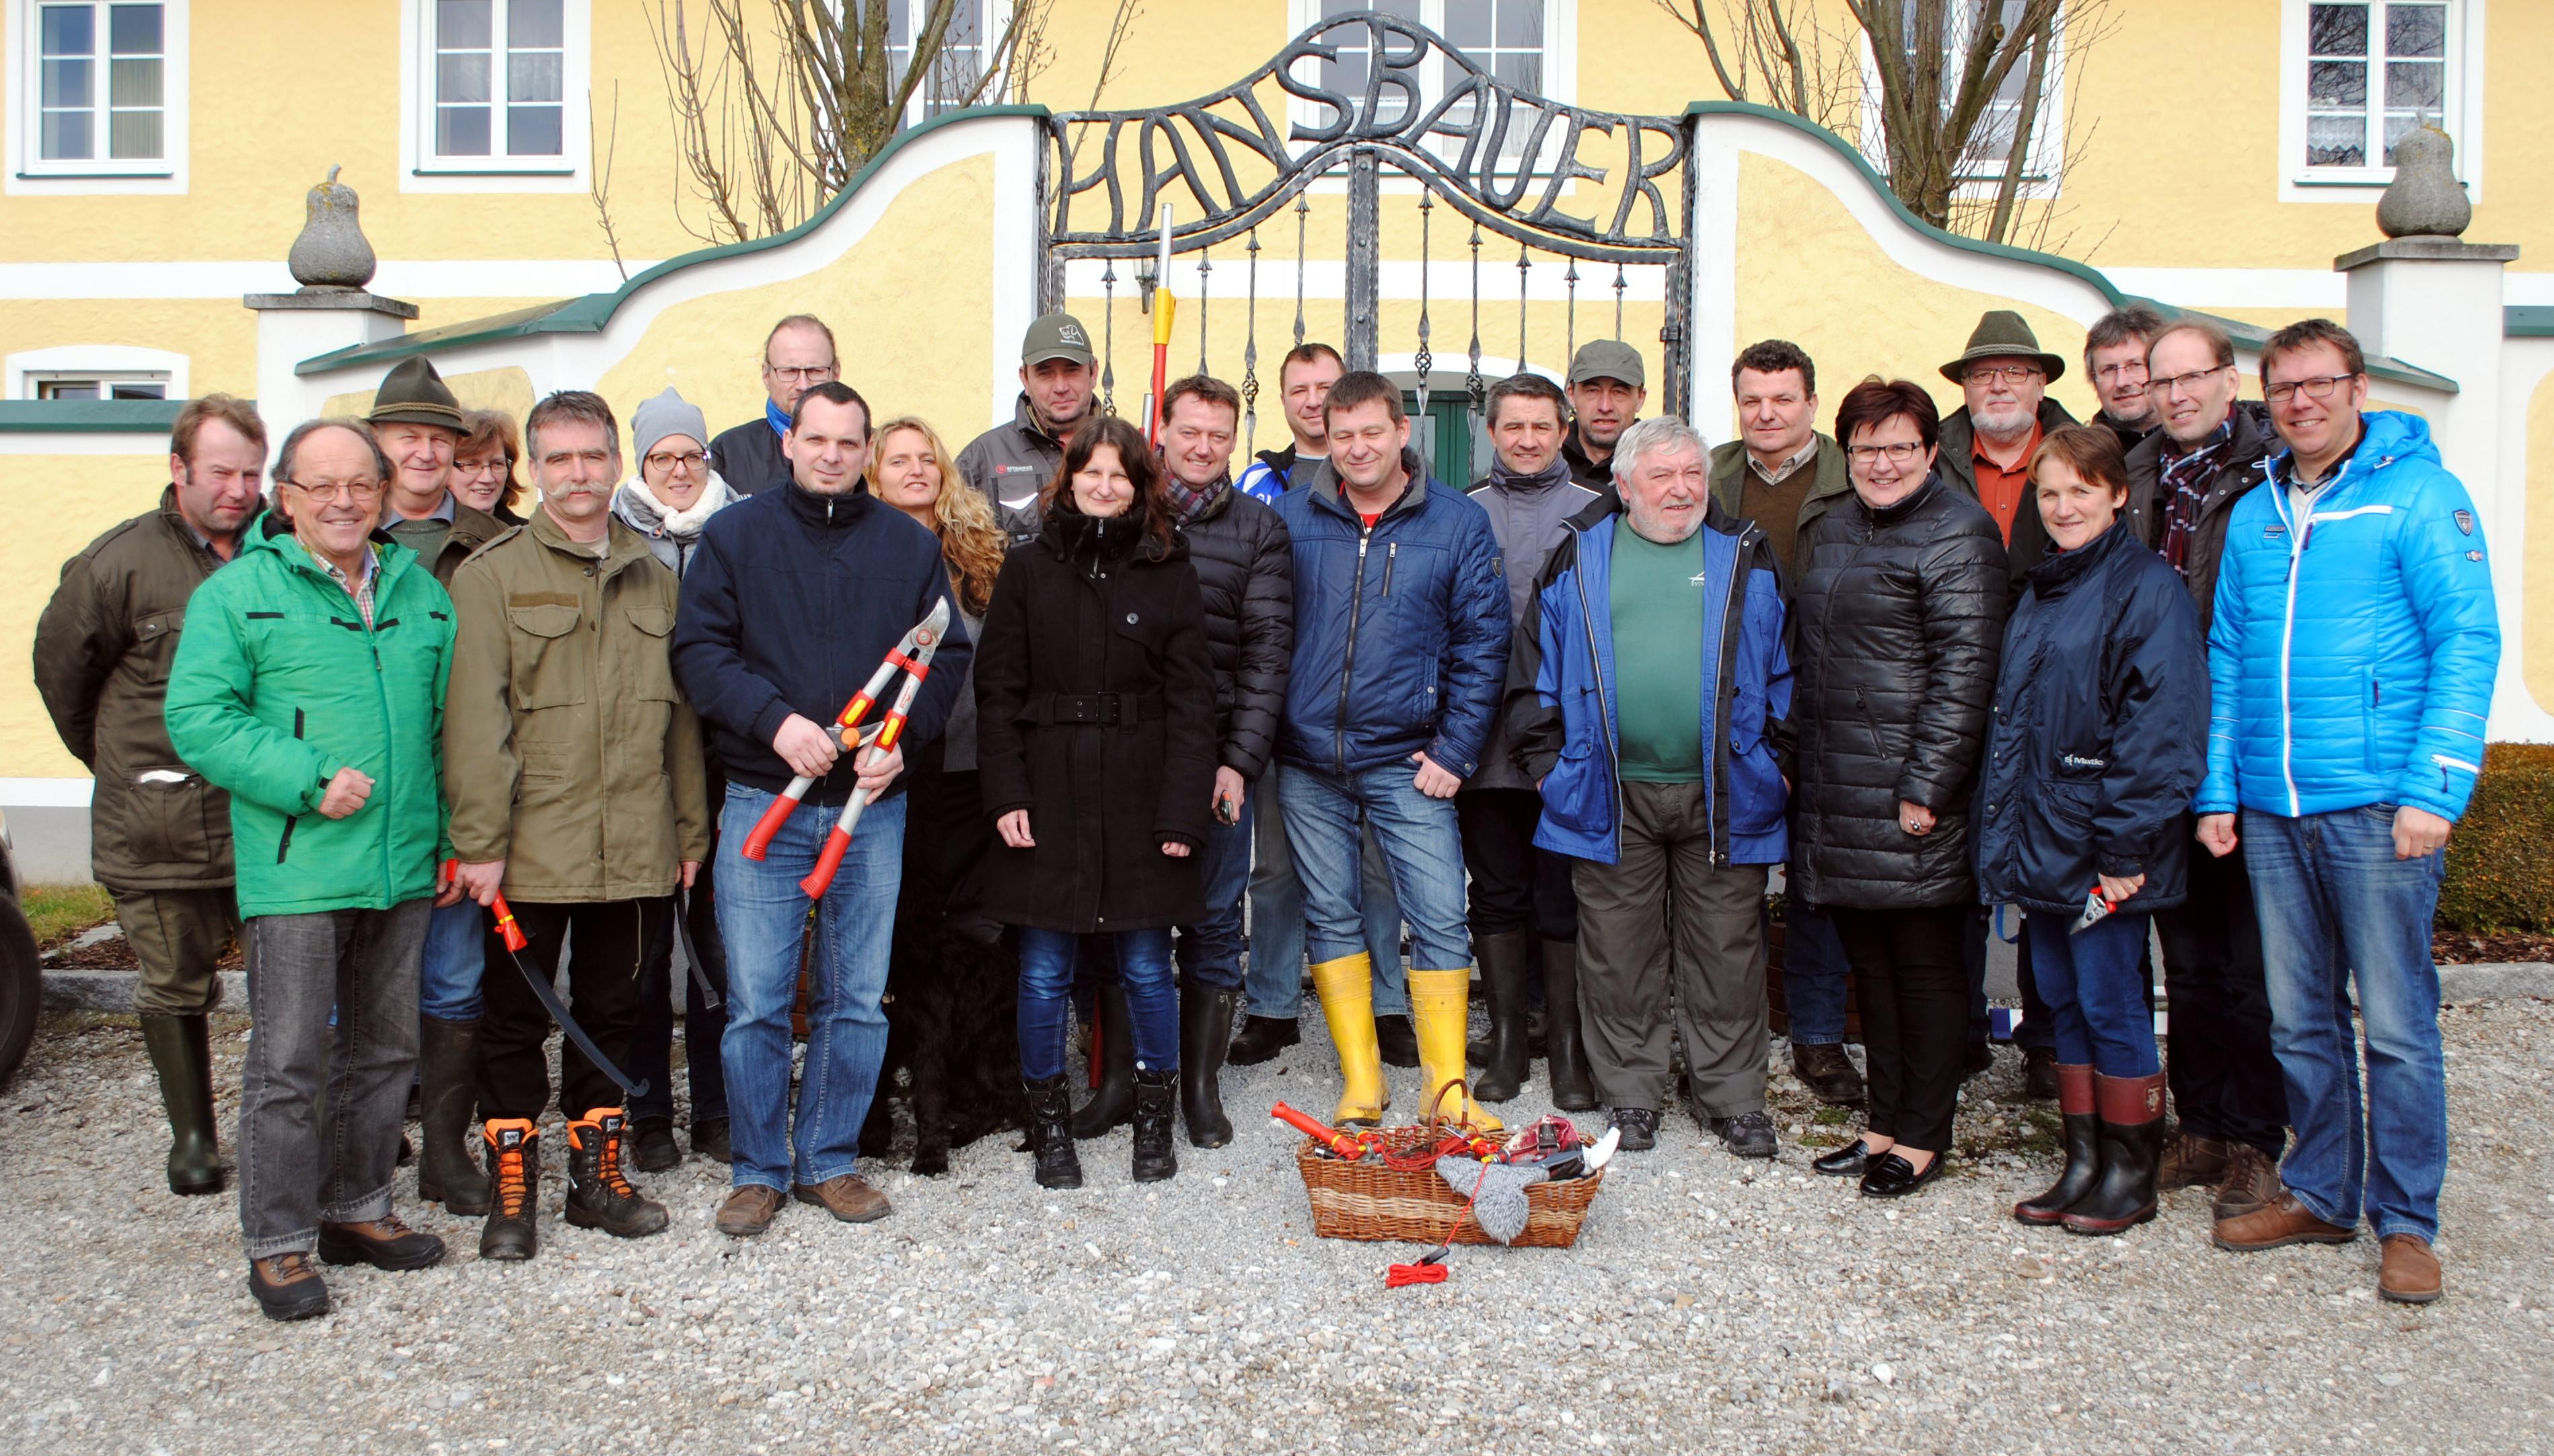 Teilnehmer des 1. Schnittkurses mit Hans Redl (Moststraße, 2.vl.), Gerlinde Handlechner (9.v.l.), Hans Hiebl (11.v.r.), LAbg. Bgm. Michaela Hinterholzer (Moststraße, 6.v.r.), Franz Lumesberger (Agrarbezirksbehörde, Land NÖ, 2.v.r.), Christian Haberhauer (Moststraße, 1.v.r.) Foto: Moststraße